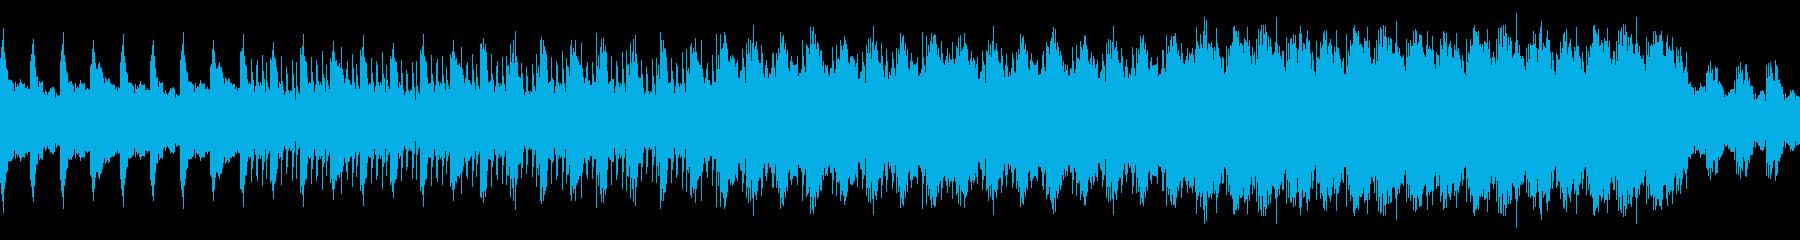 謎解き・緊張・ゲーム・劇伴・ループの再生済みの波形